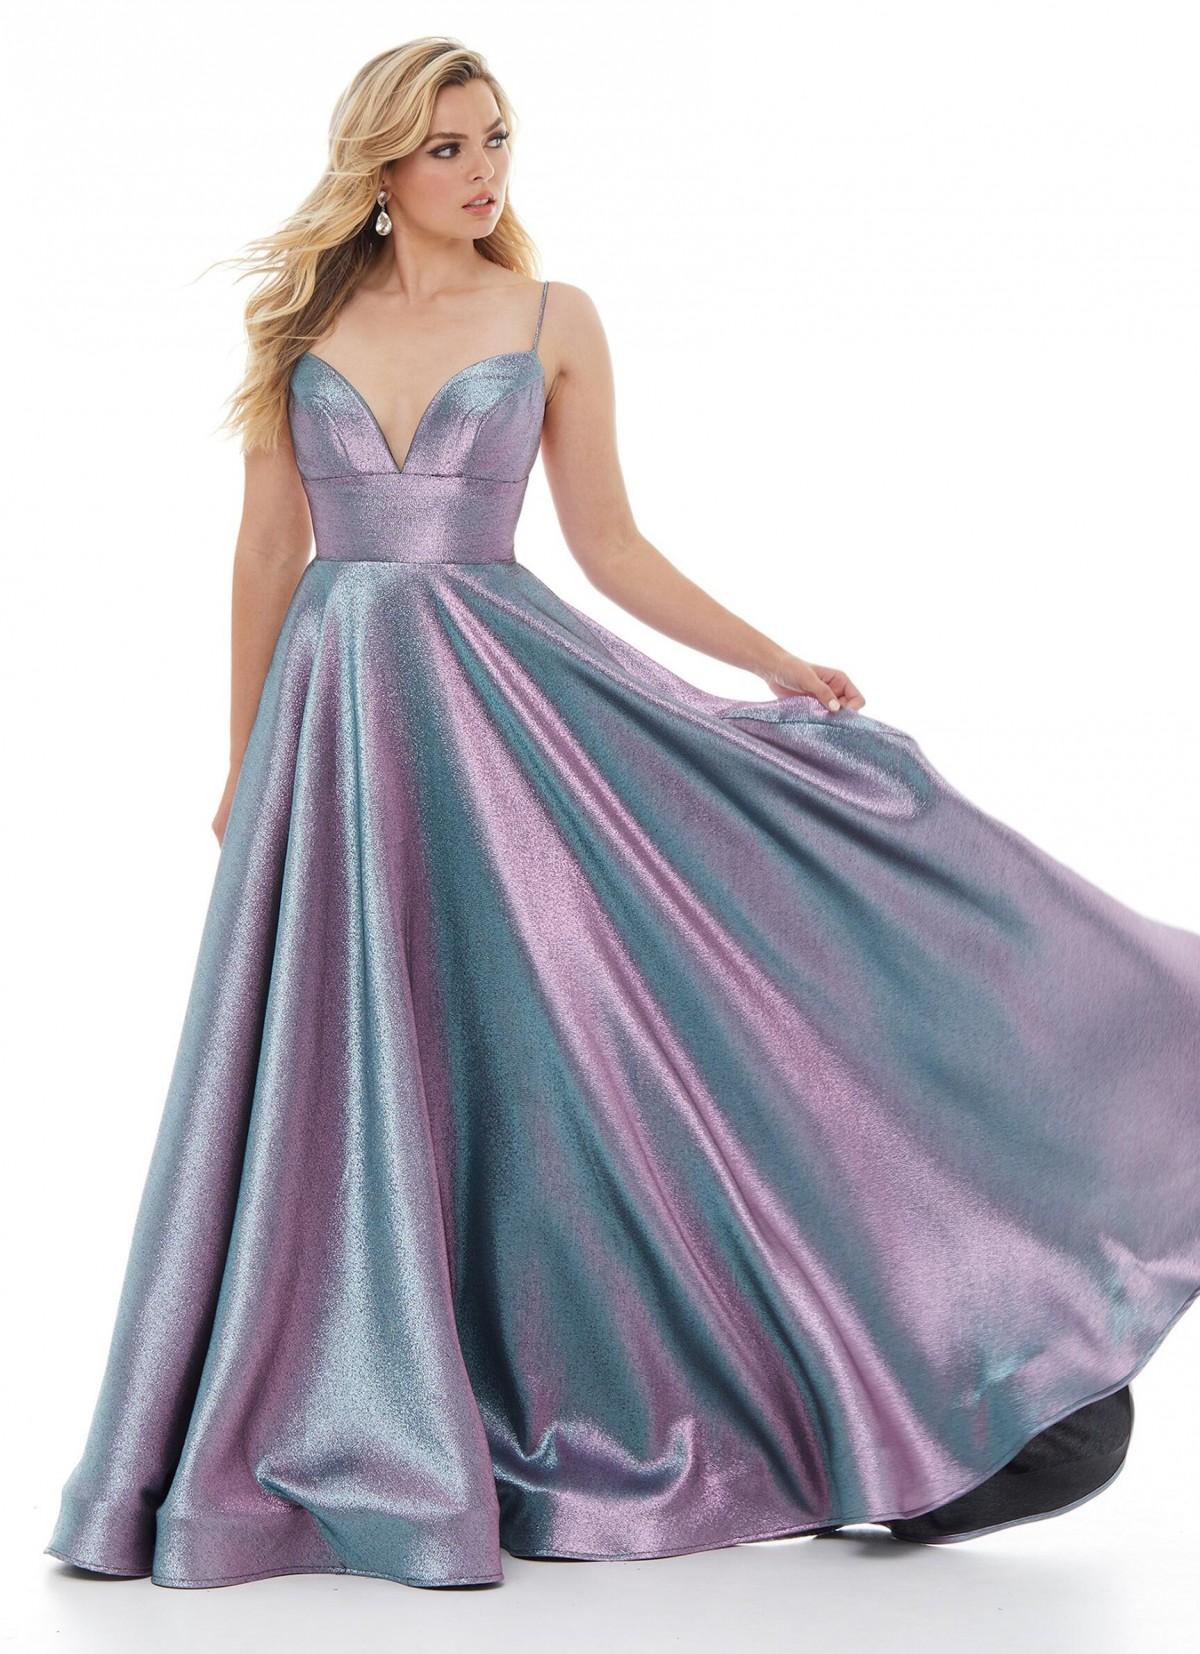 Ashley Lauren purple iridescent ballgown 1937